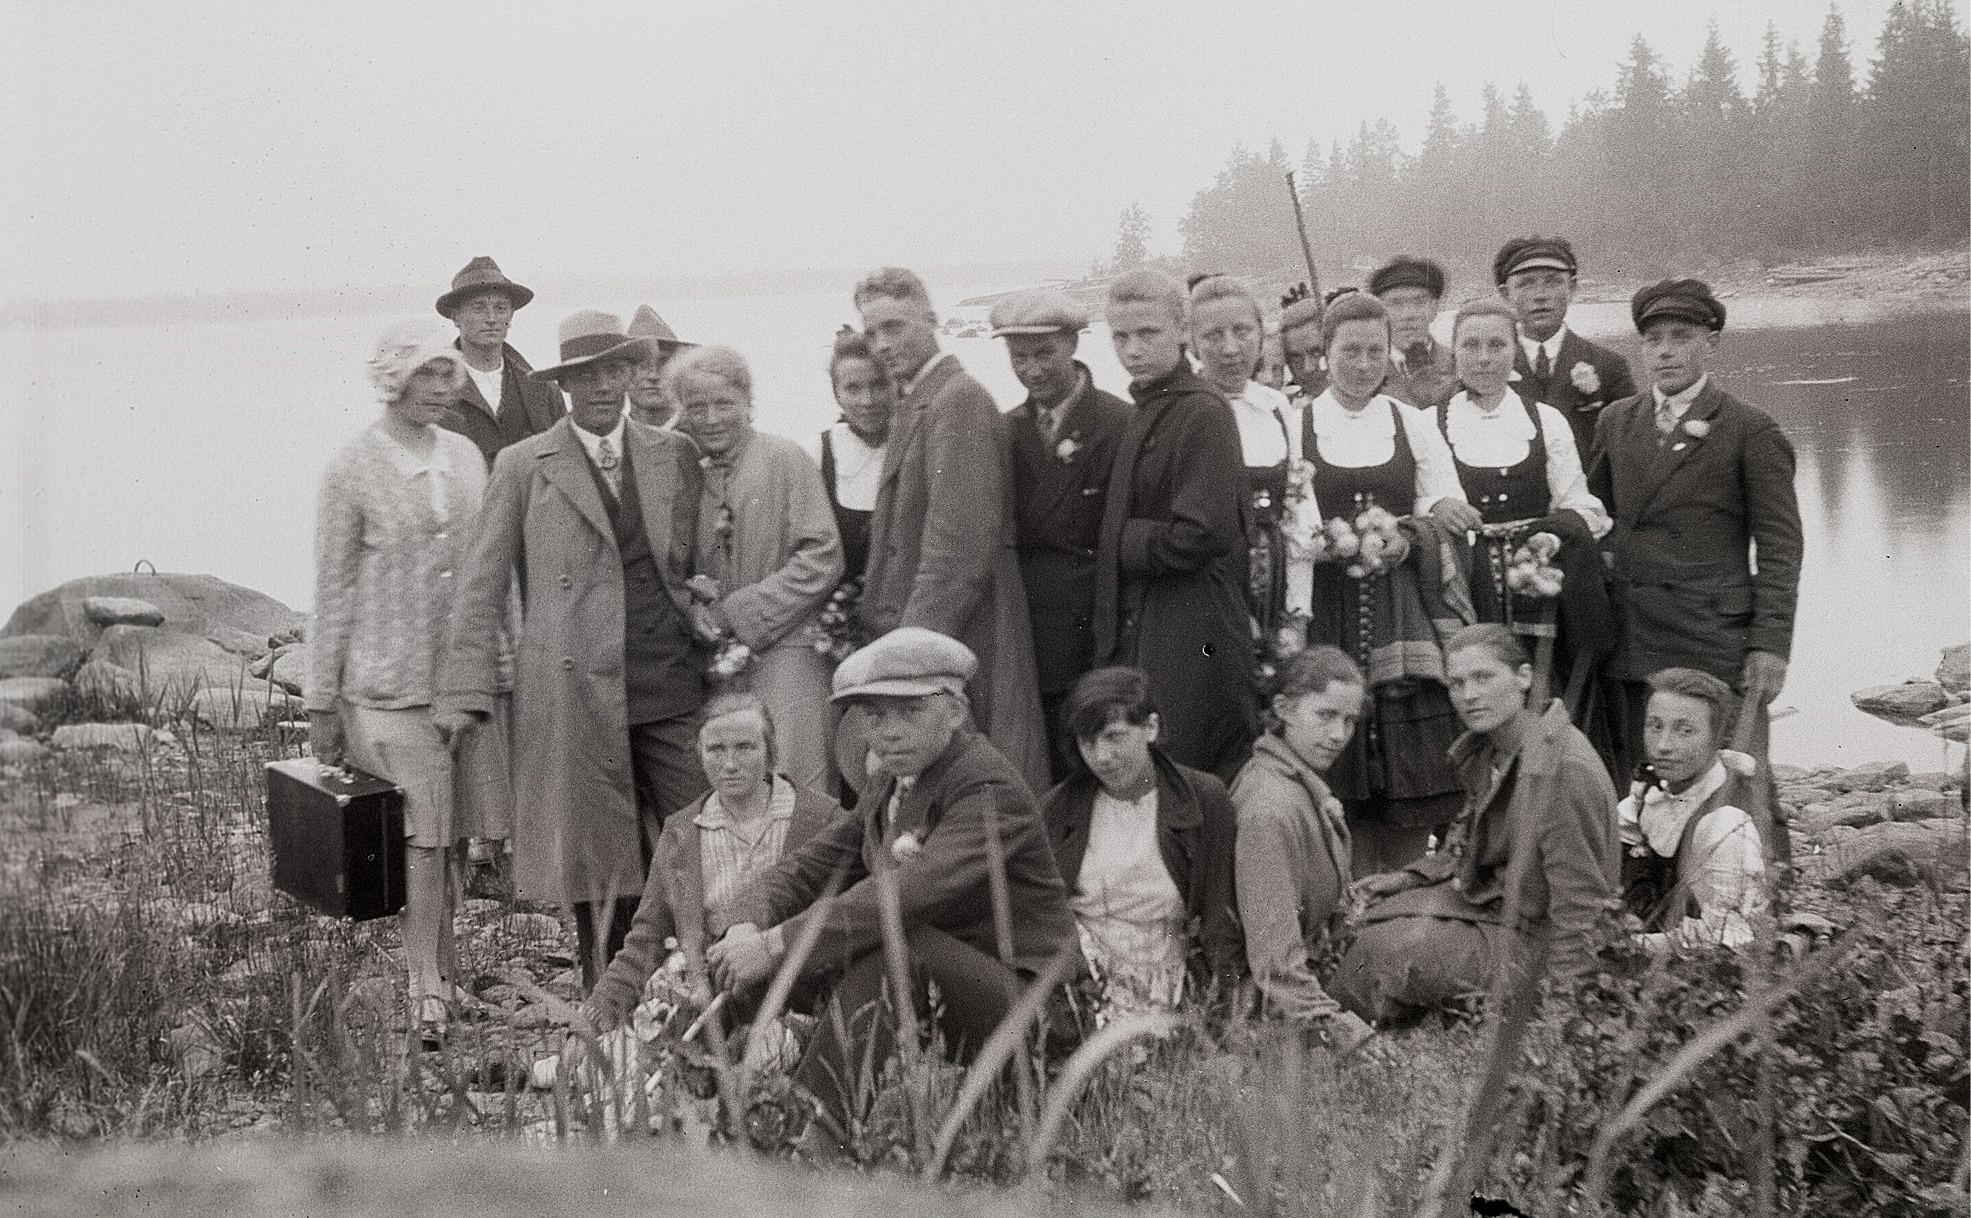 """Ungdomsföreningens medlemmar på utfärd till """"Kumle i Siiby"""". Längst till vänster står Siiri och Sigrund Engelholm. Mannen med hatten på sned är Lennart Nyman bredvid Adele Knus. Mannen utan hatt är Konrad Kronman och pojken längst fram är Eskil Ingvesgård. Stående längst till höger Alfred Solfvin och bredvid honom Ragnar Andtfolk. Sittande längst till höger Signe Ebb,"""